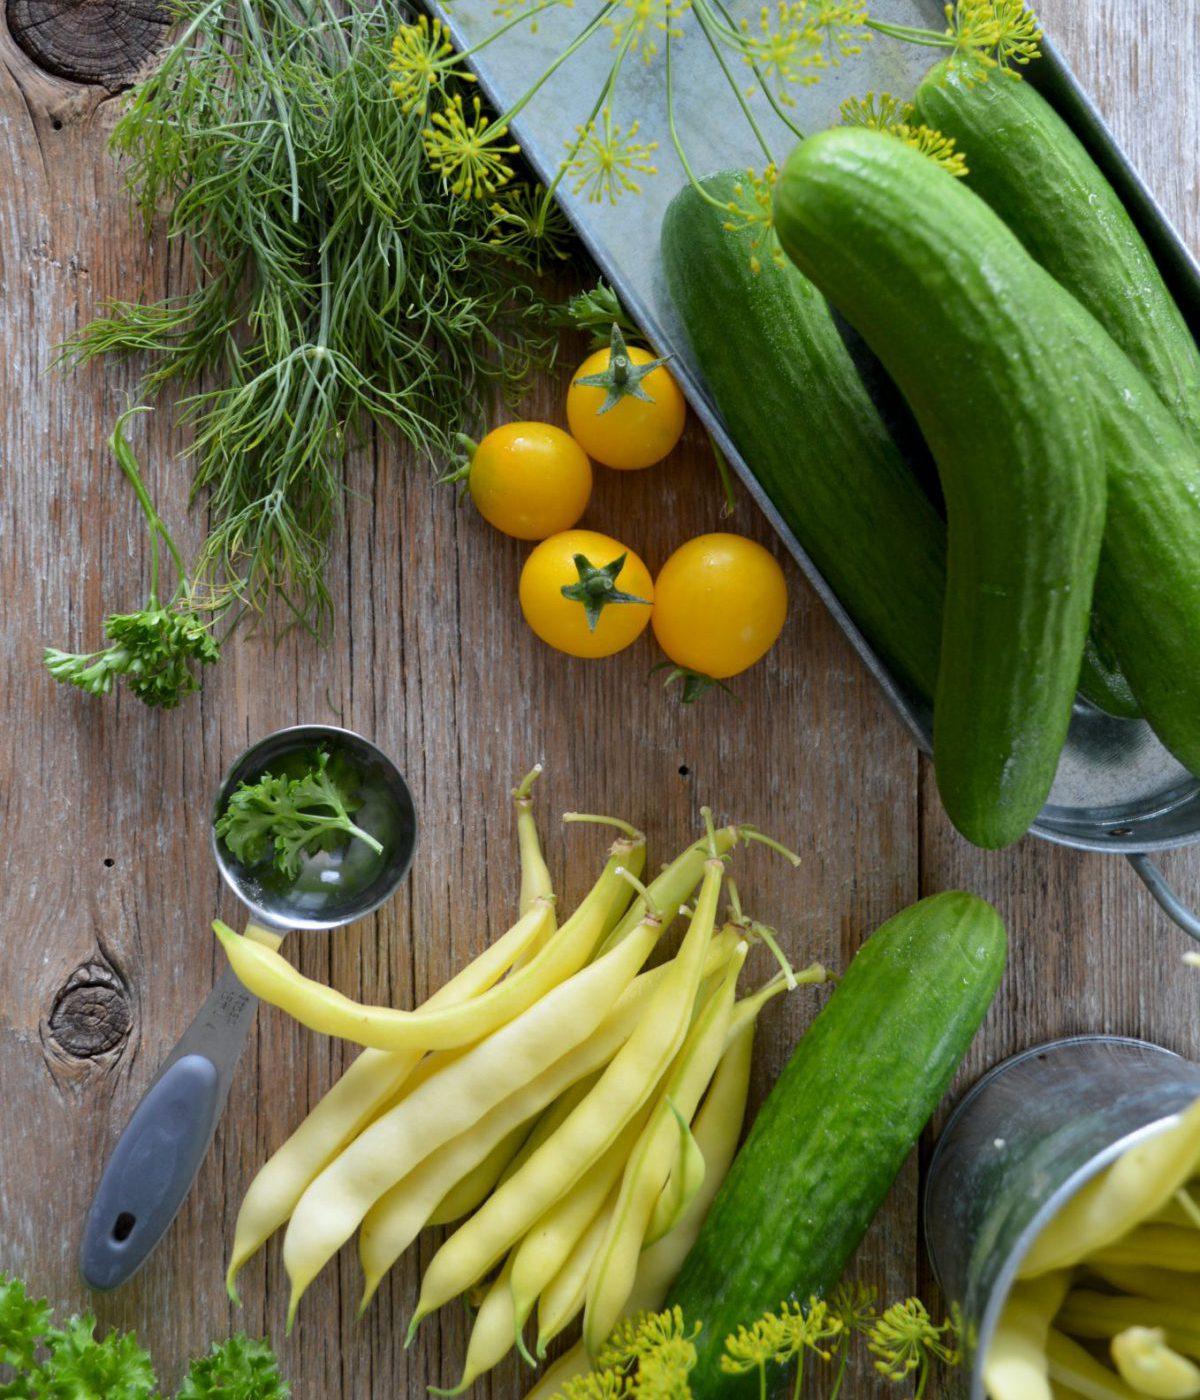 Saturday, July 17 at Kubáň – pickles and picnics!